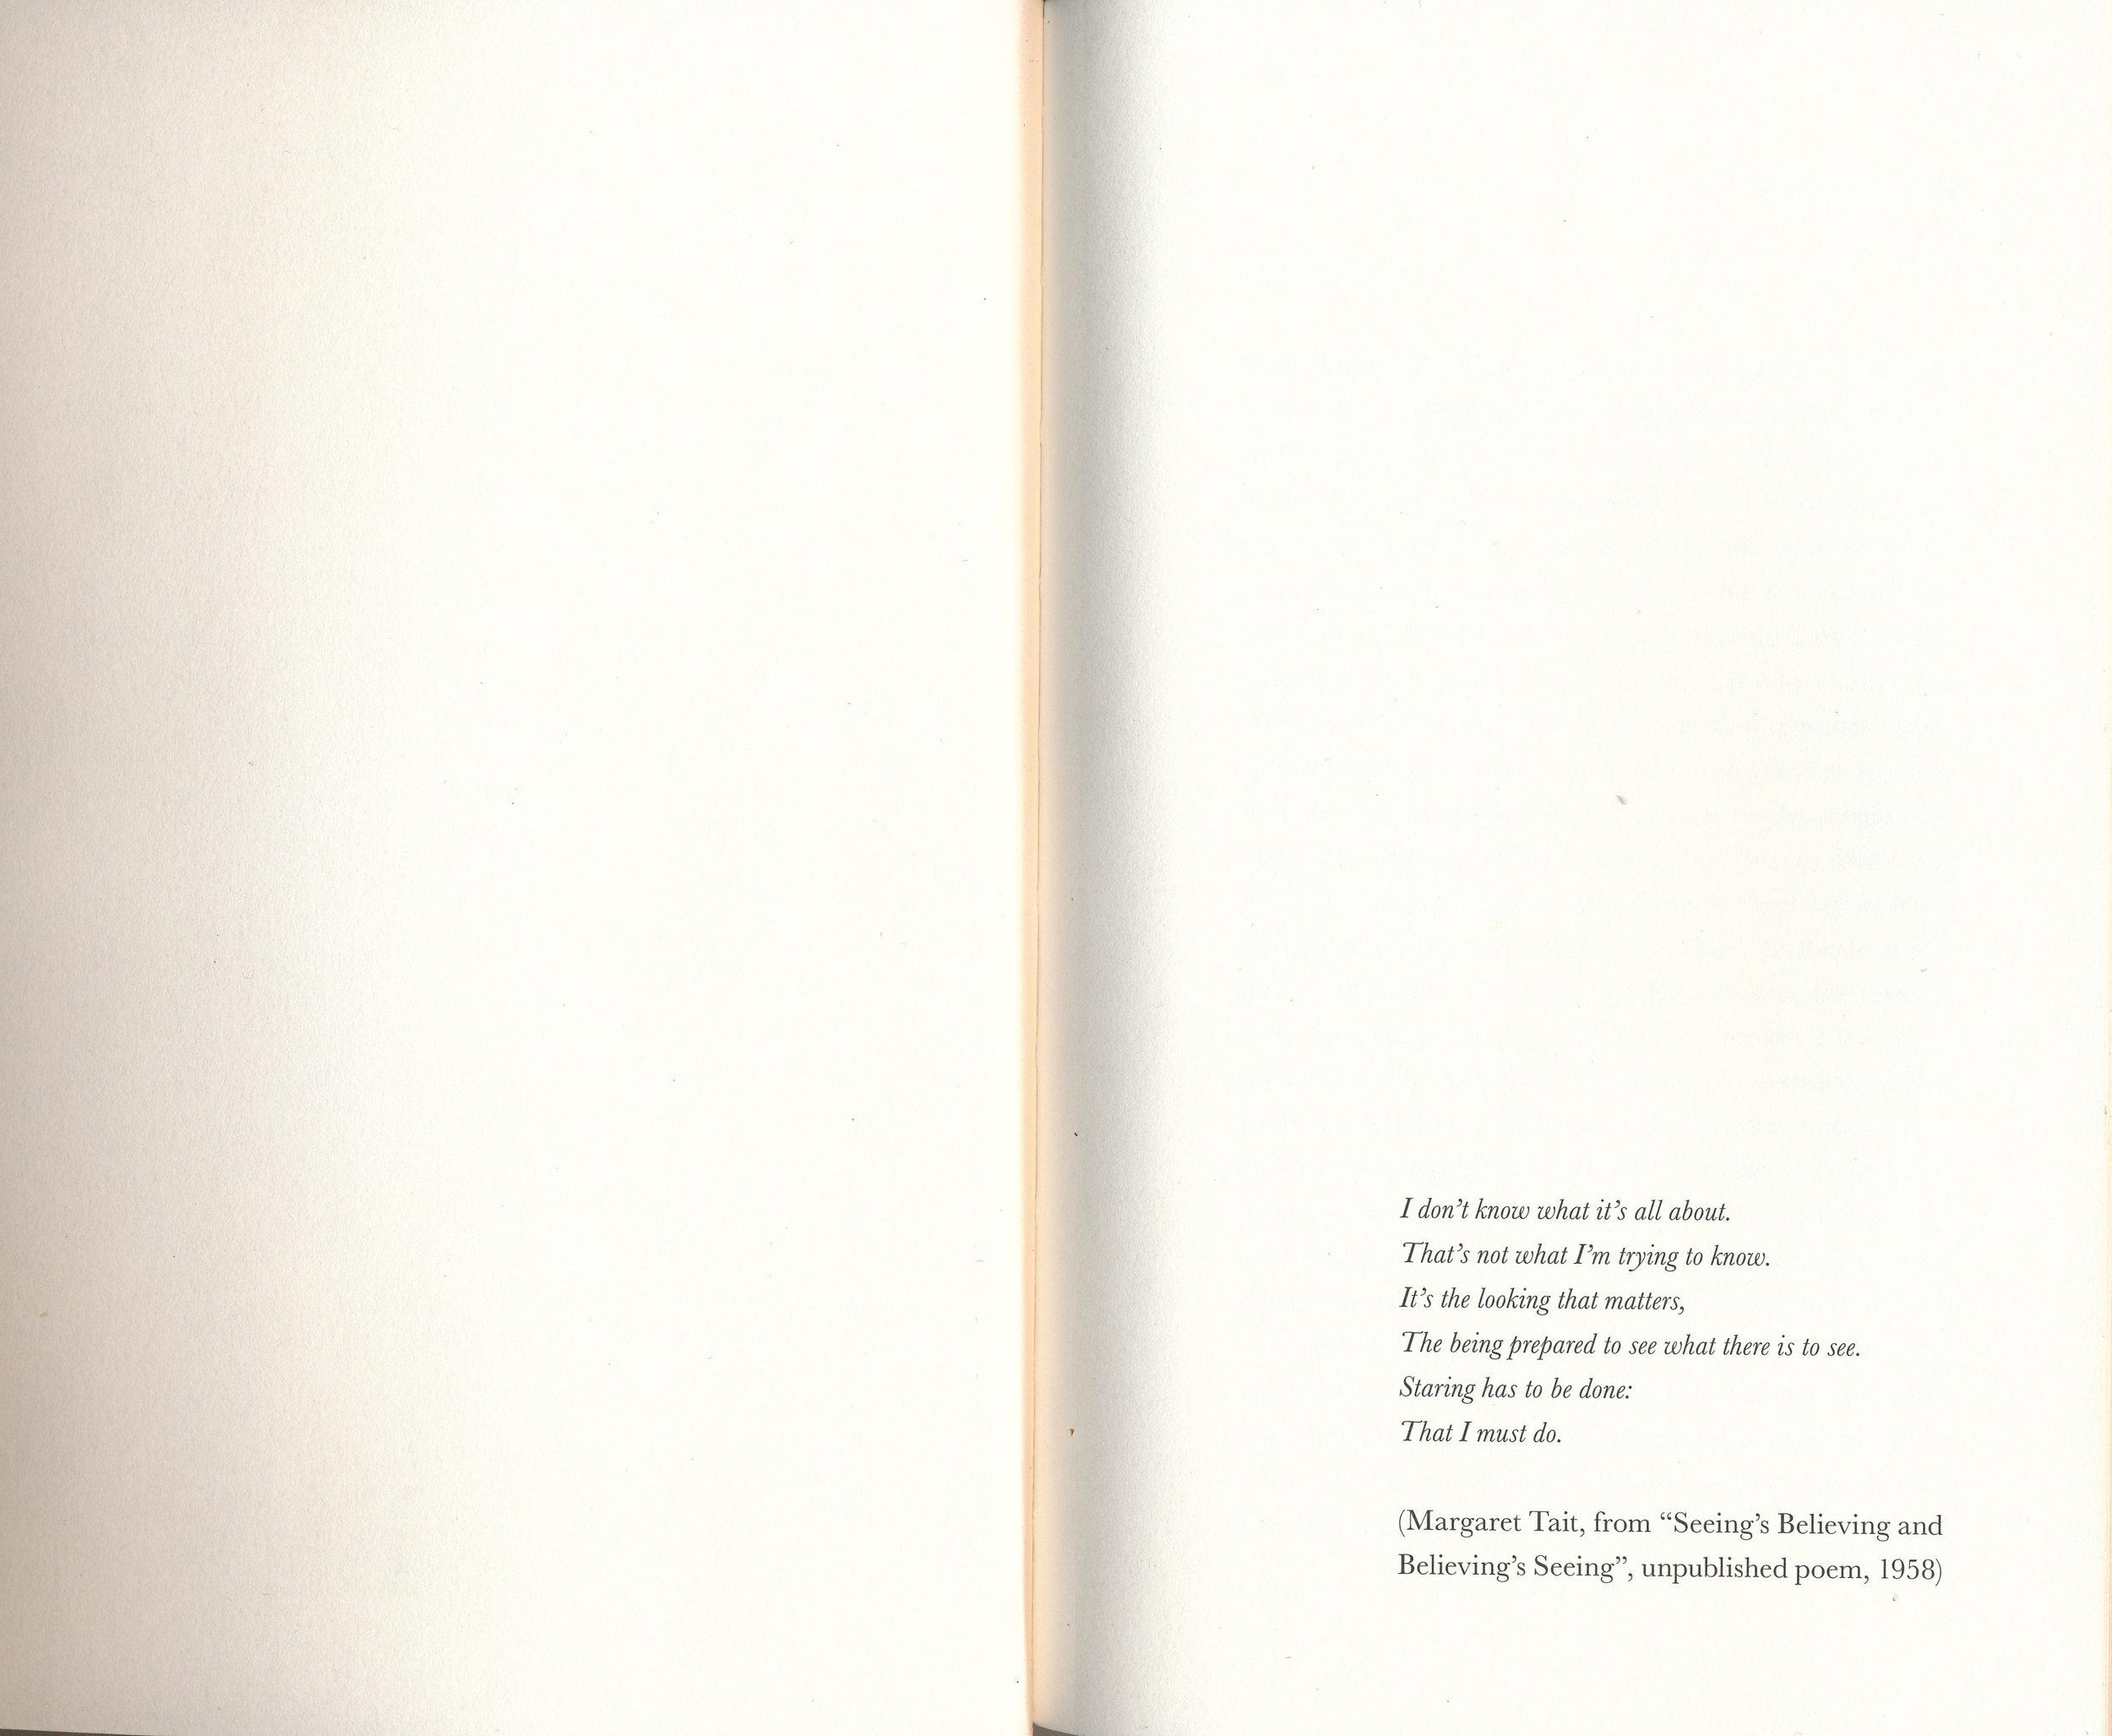 Bird, pp 1-2, by Line Kallmayer